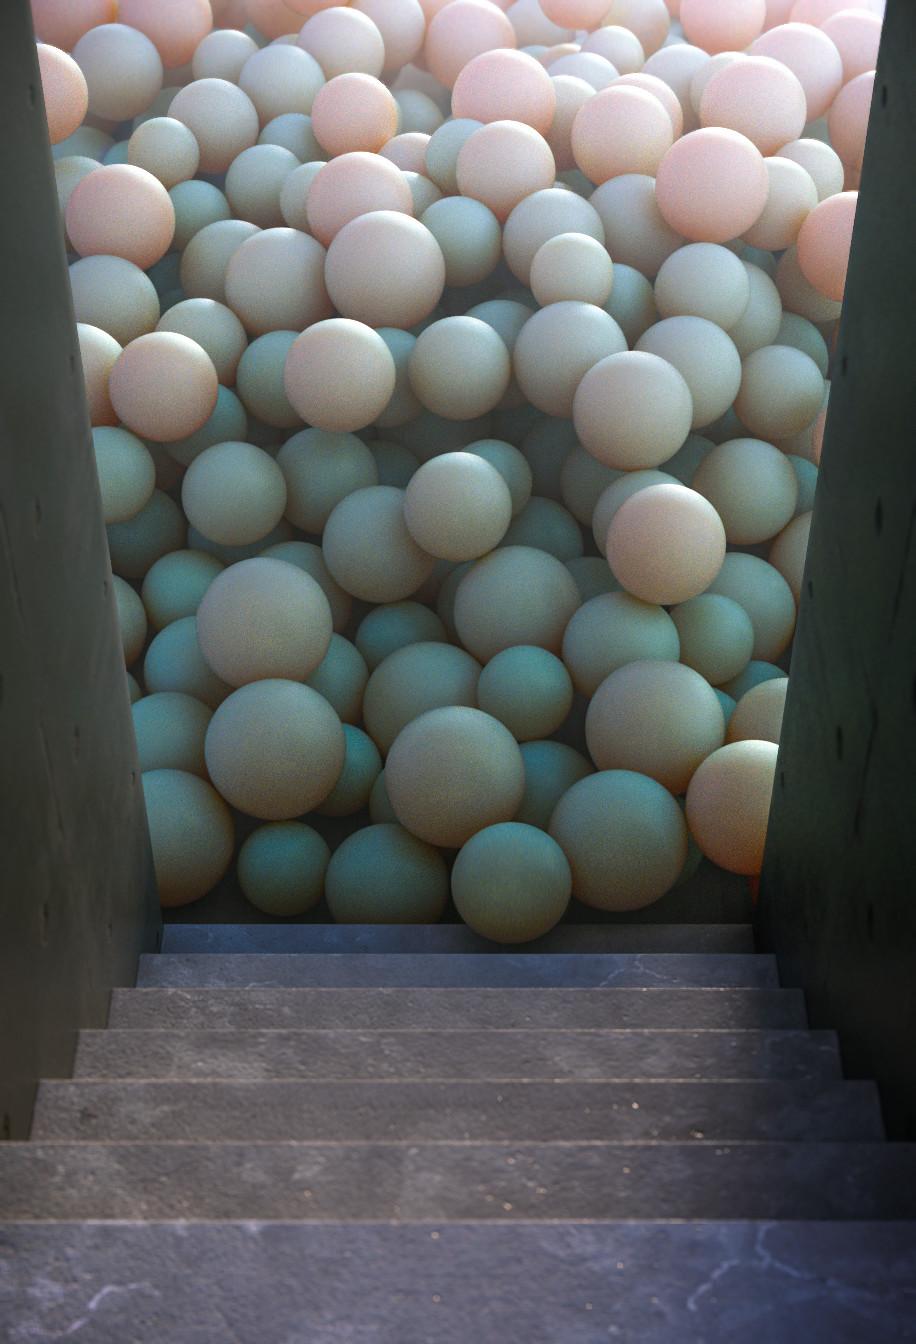 Souvik karmakar stairs 1 copy